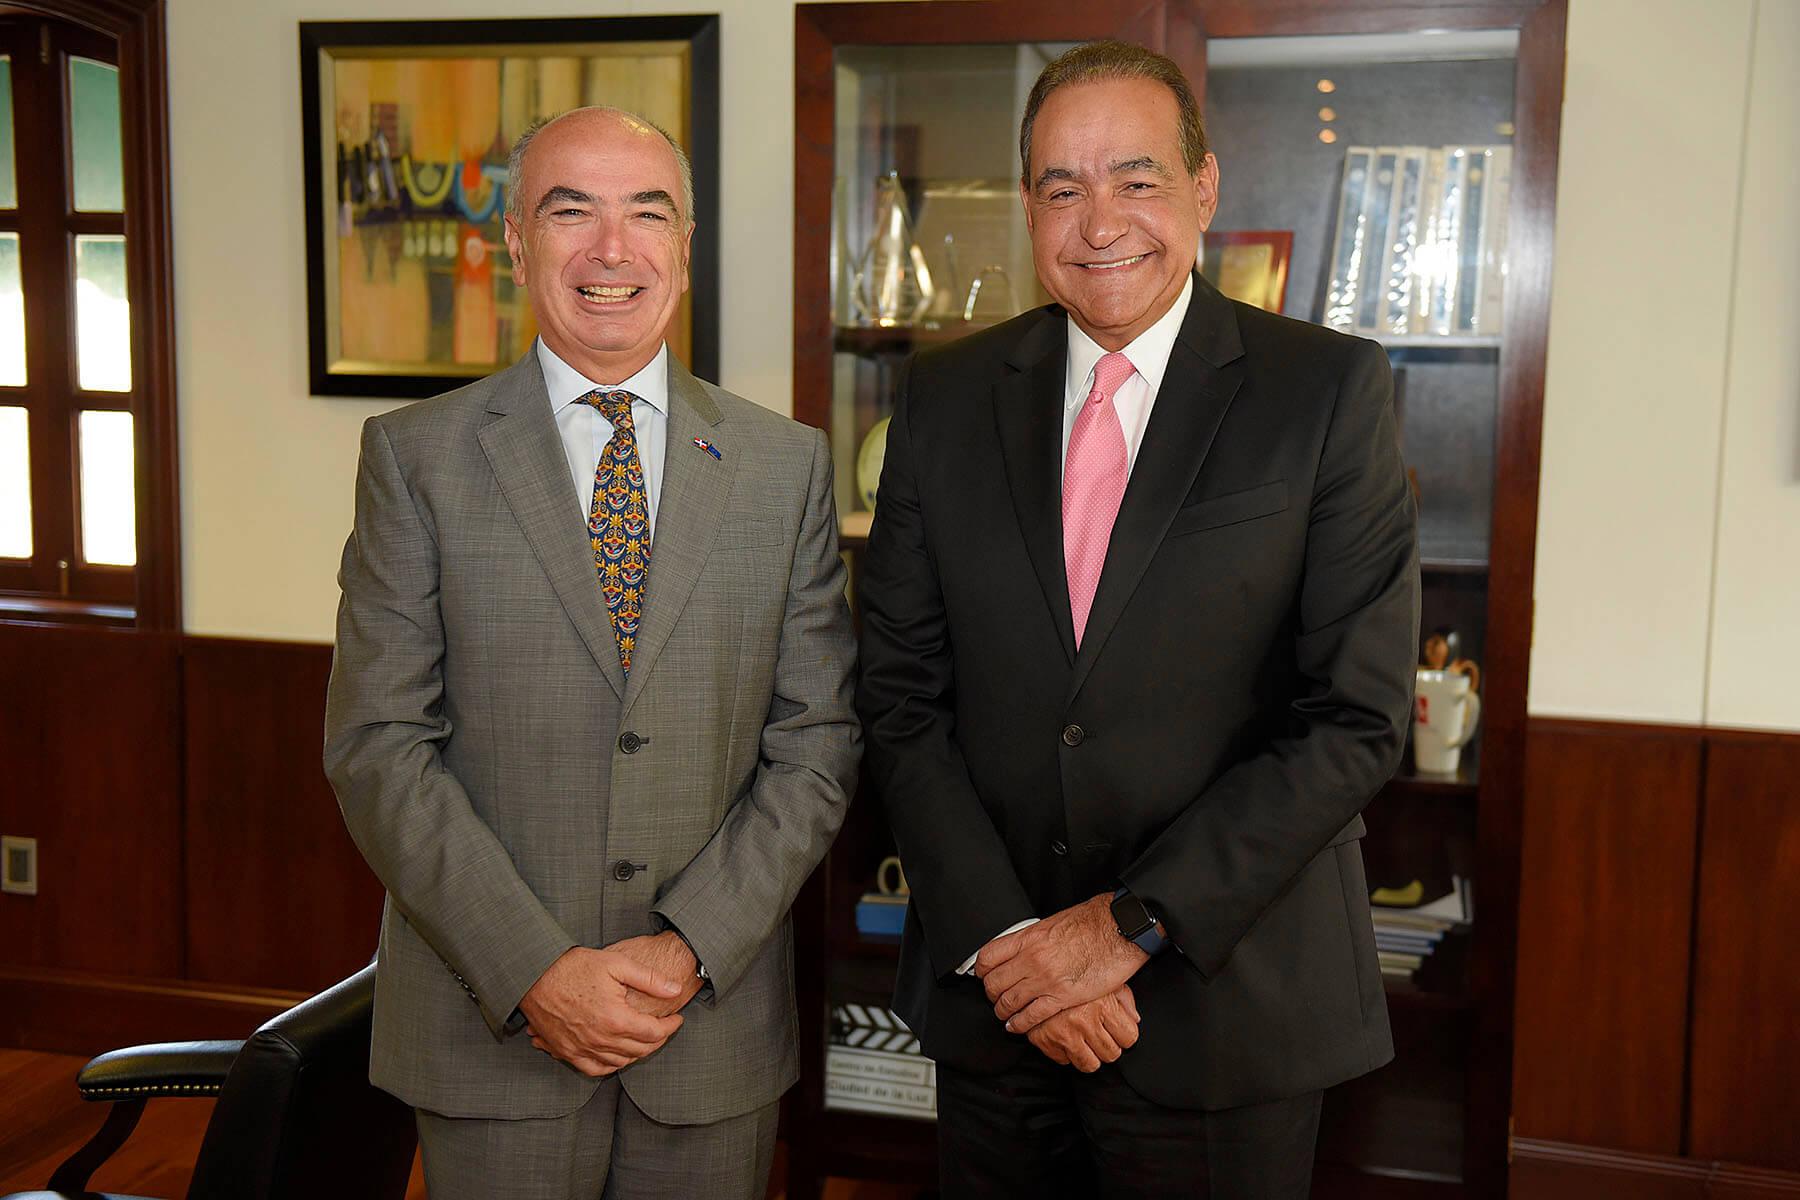 Foto principal - El embajador Gianlucca Grippa y el Dr. Julio Amado Castaños Guzmán